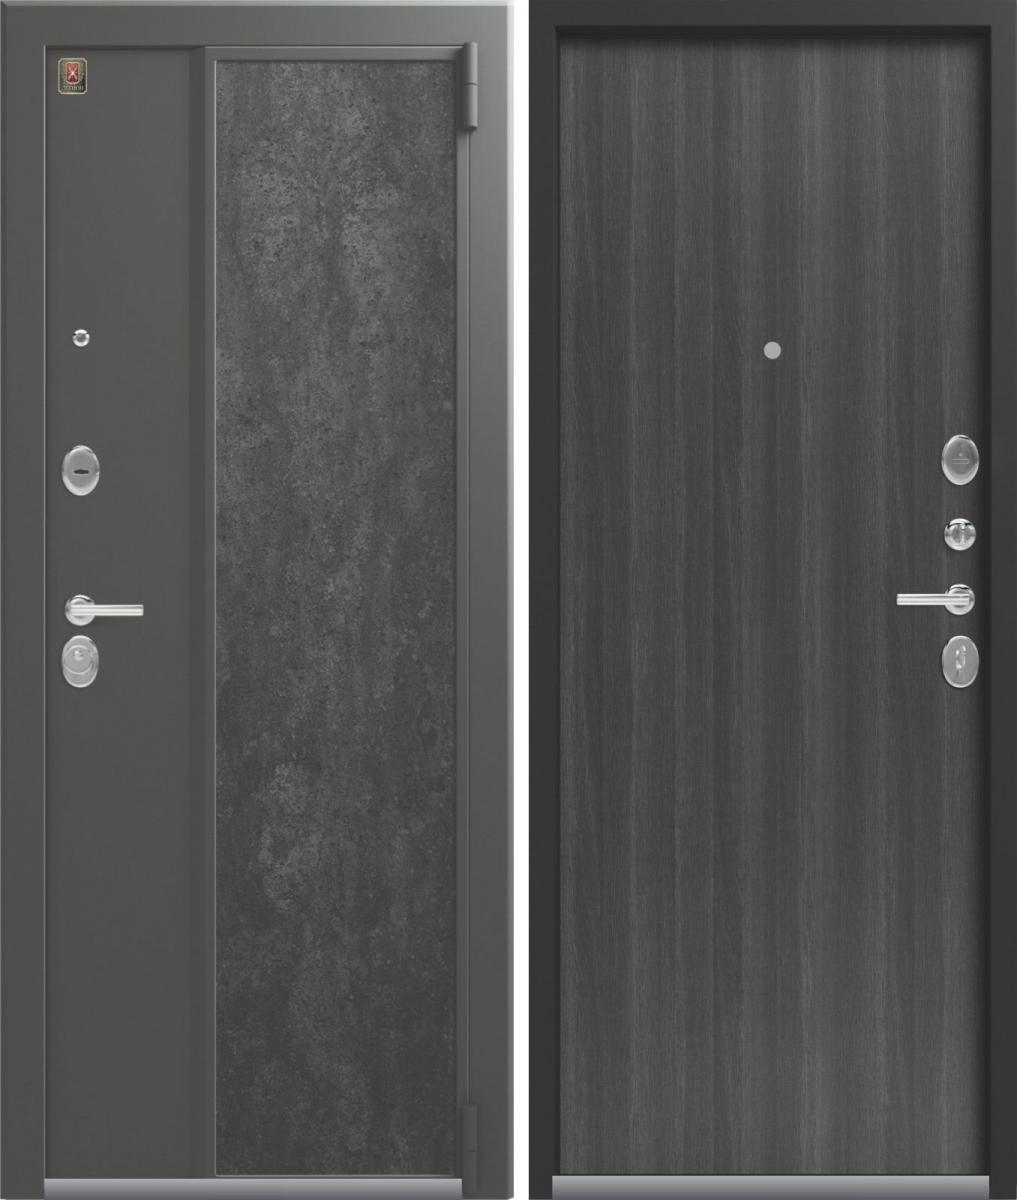 Рейтинг входных дверей – лучшие предложения от производителей